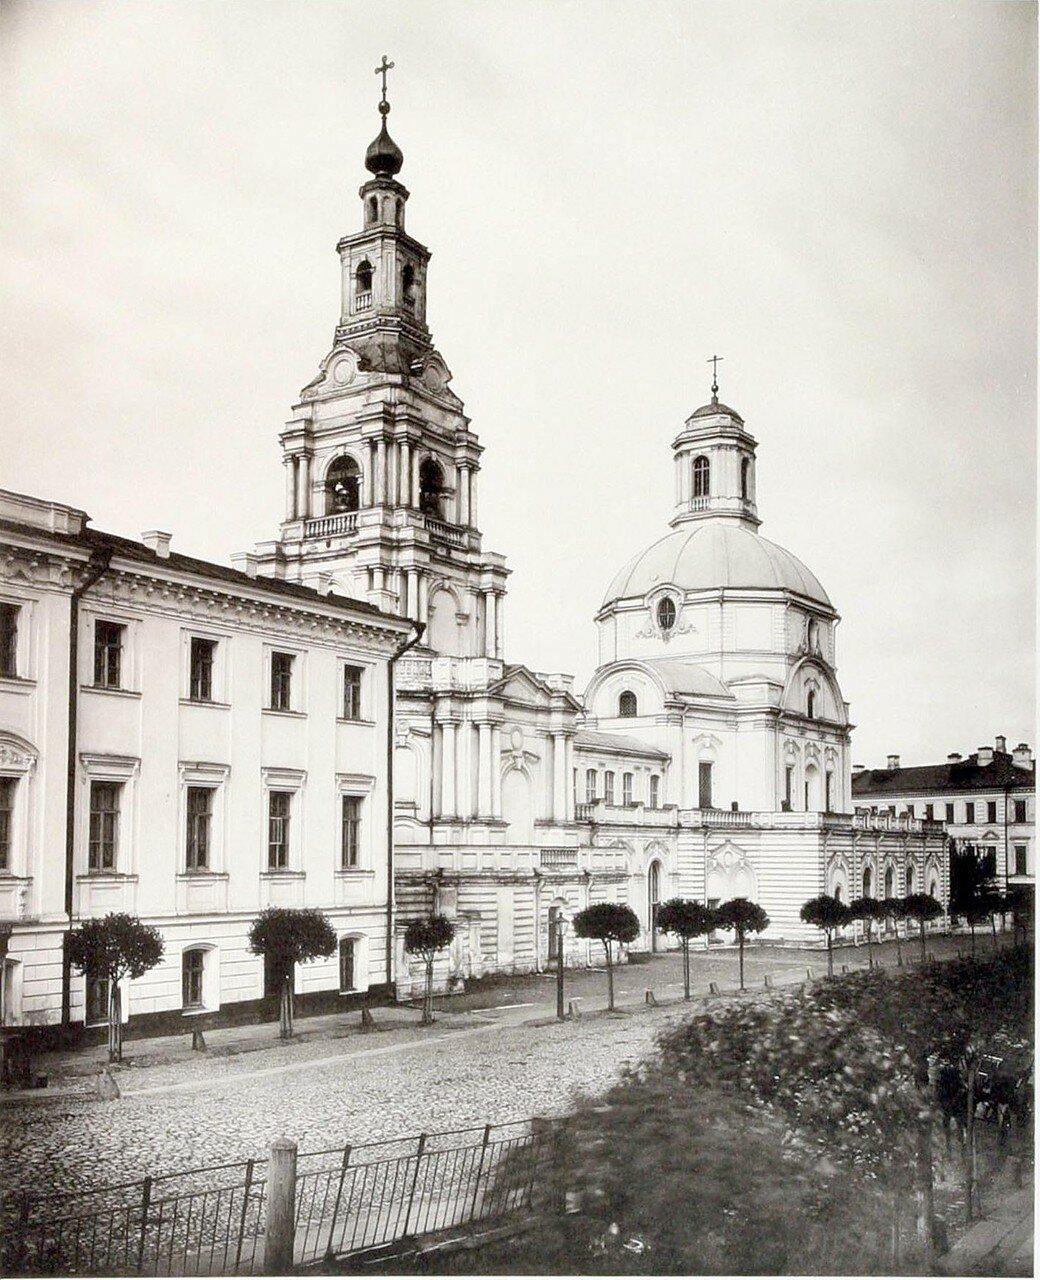 392. Церковь апостолов Петра и Павла